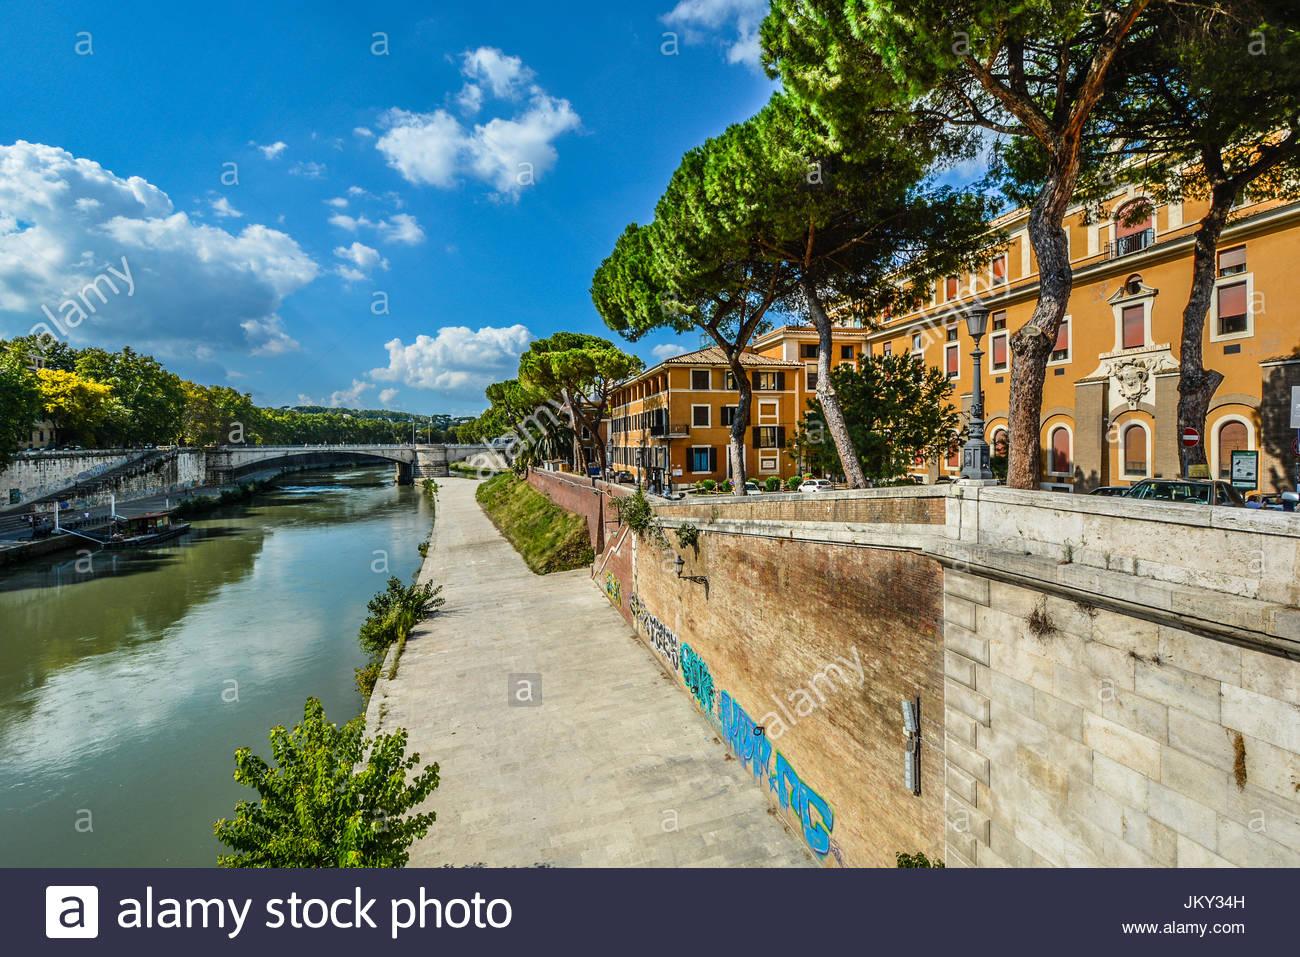 Le rive del fiume Tevere a Roma Italia in un caldo pomeriggio d'estate. Immagini Stock